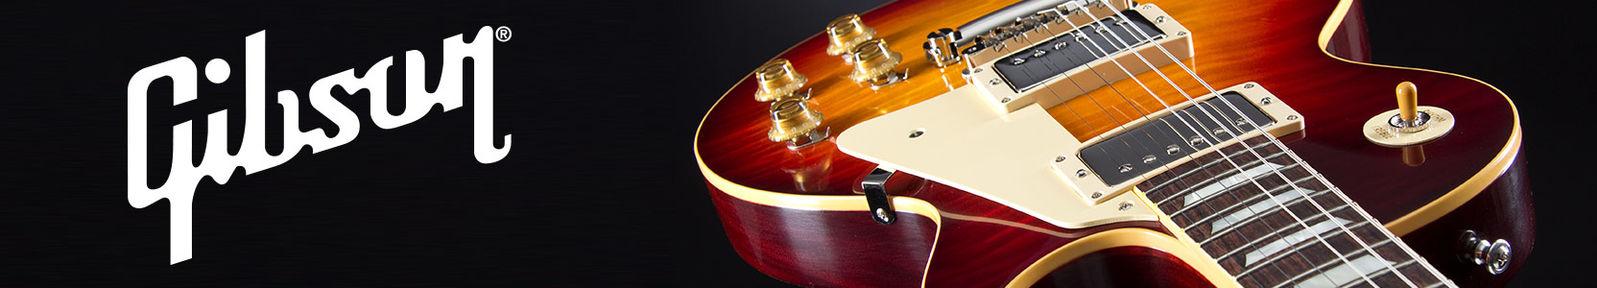 Gibson Gitarren & Bässe bei MUSIC STORE professional